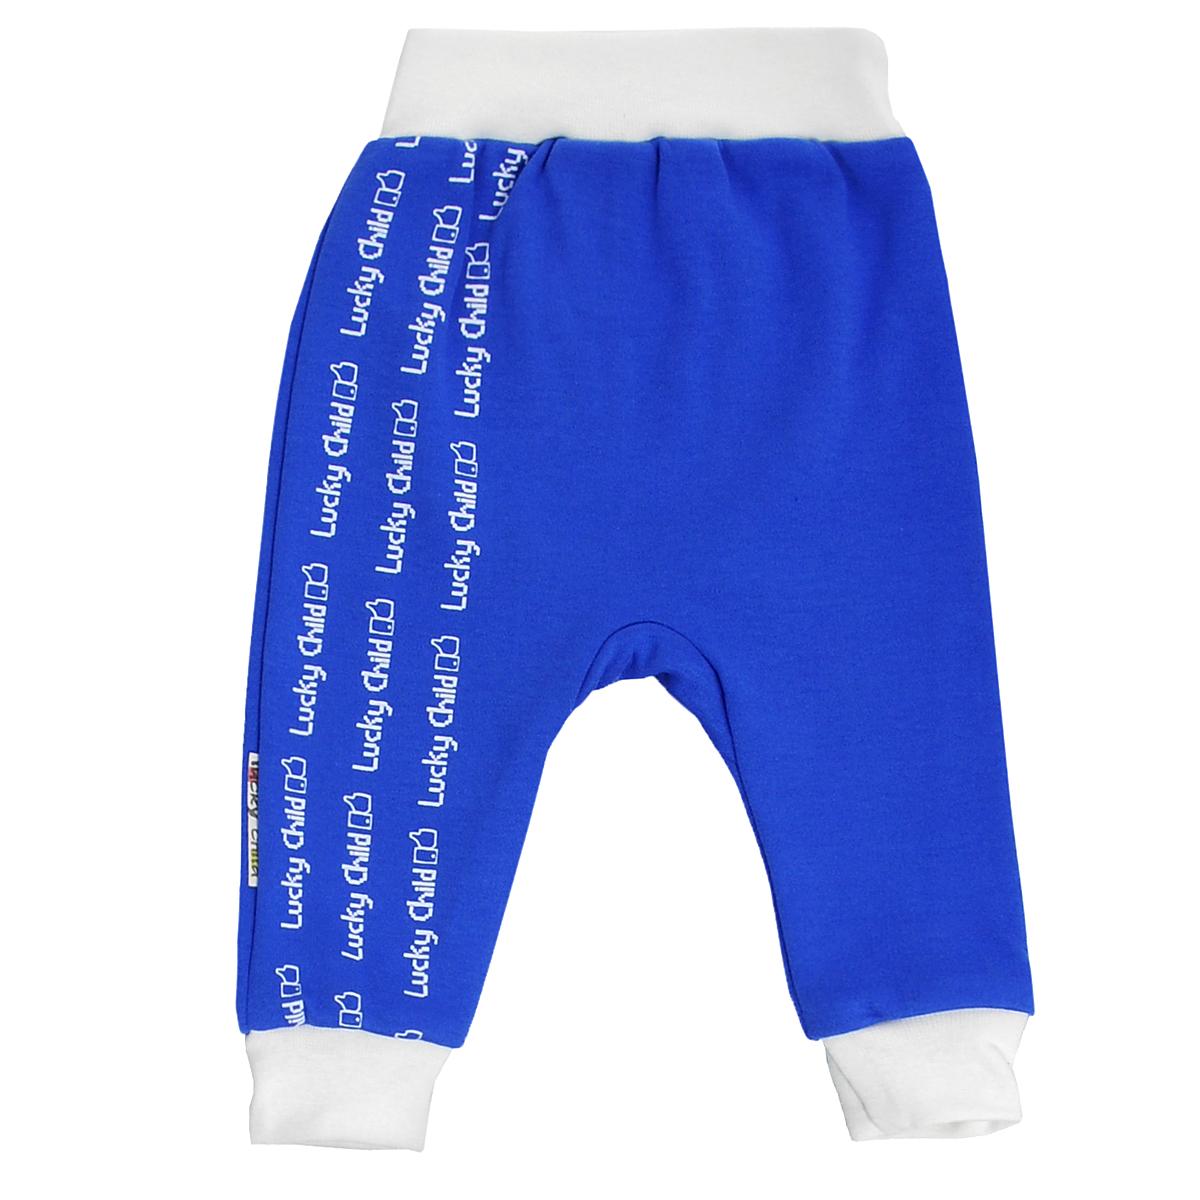 Штанишки на широком поясе для мальчика Lucky Child, цвет: синий. 9-11. Размер 62/689-11Удобные штанишки для мальчика Lucky Child на широком поясе послужат идеальным дополнением к гардеробу вашего малыша. Штанишки, изготовленные из натурального хлопка, необычайно мягкие и легкие, не раздражают нежную кожу ребенка и хорошо вентилируются, а эластичные швы приятны телу младенца и не препятствуют его движениям. Штанишки благодаря мягкому эластичному поясу не сдавливают животик ребенка и не сползают, обеспечивая ему наибольший комфорт, идеально подходят для ношения с подгузником и без него. Снизу брючины дополнены широкими трикотажными манжетами, не пережимающими ножку. Спереди они оформлены оригинальным принтом в виде логотипа бренда.Штанишки очень удобный и практичный вид одежды для малышей, которые уже немного подросли. Отлично сочетаются с футболками, кофточками и боди.В таких штанишках вашему малышу будет уютно и комфортно!